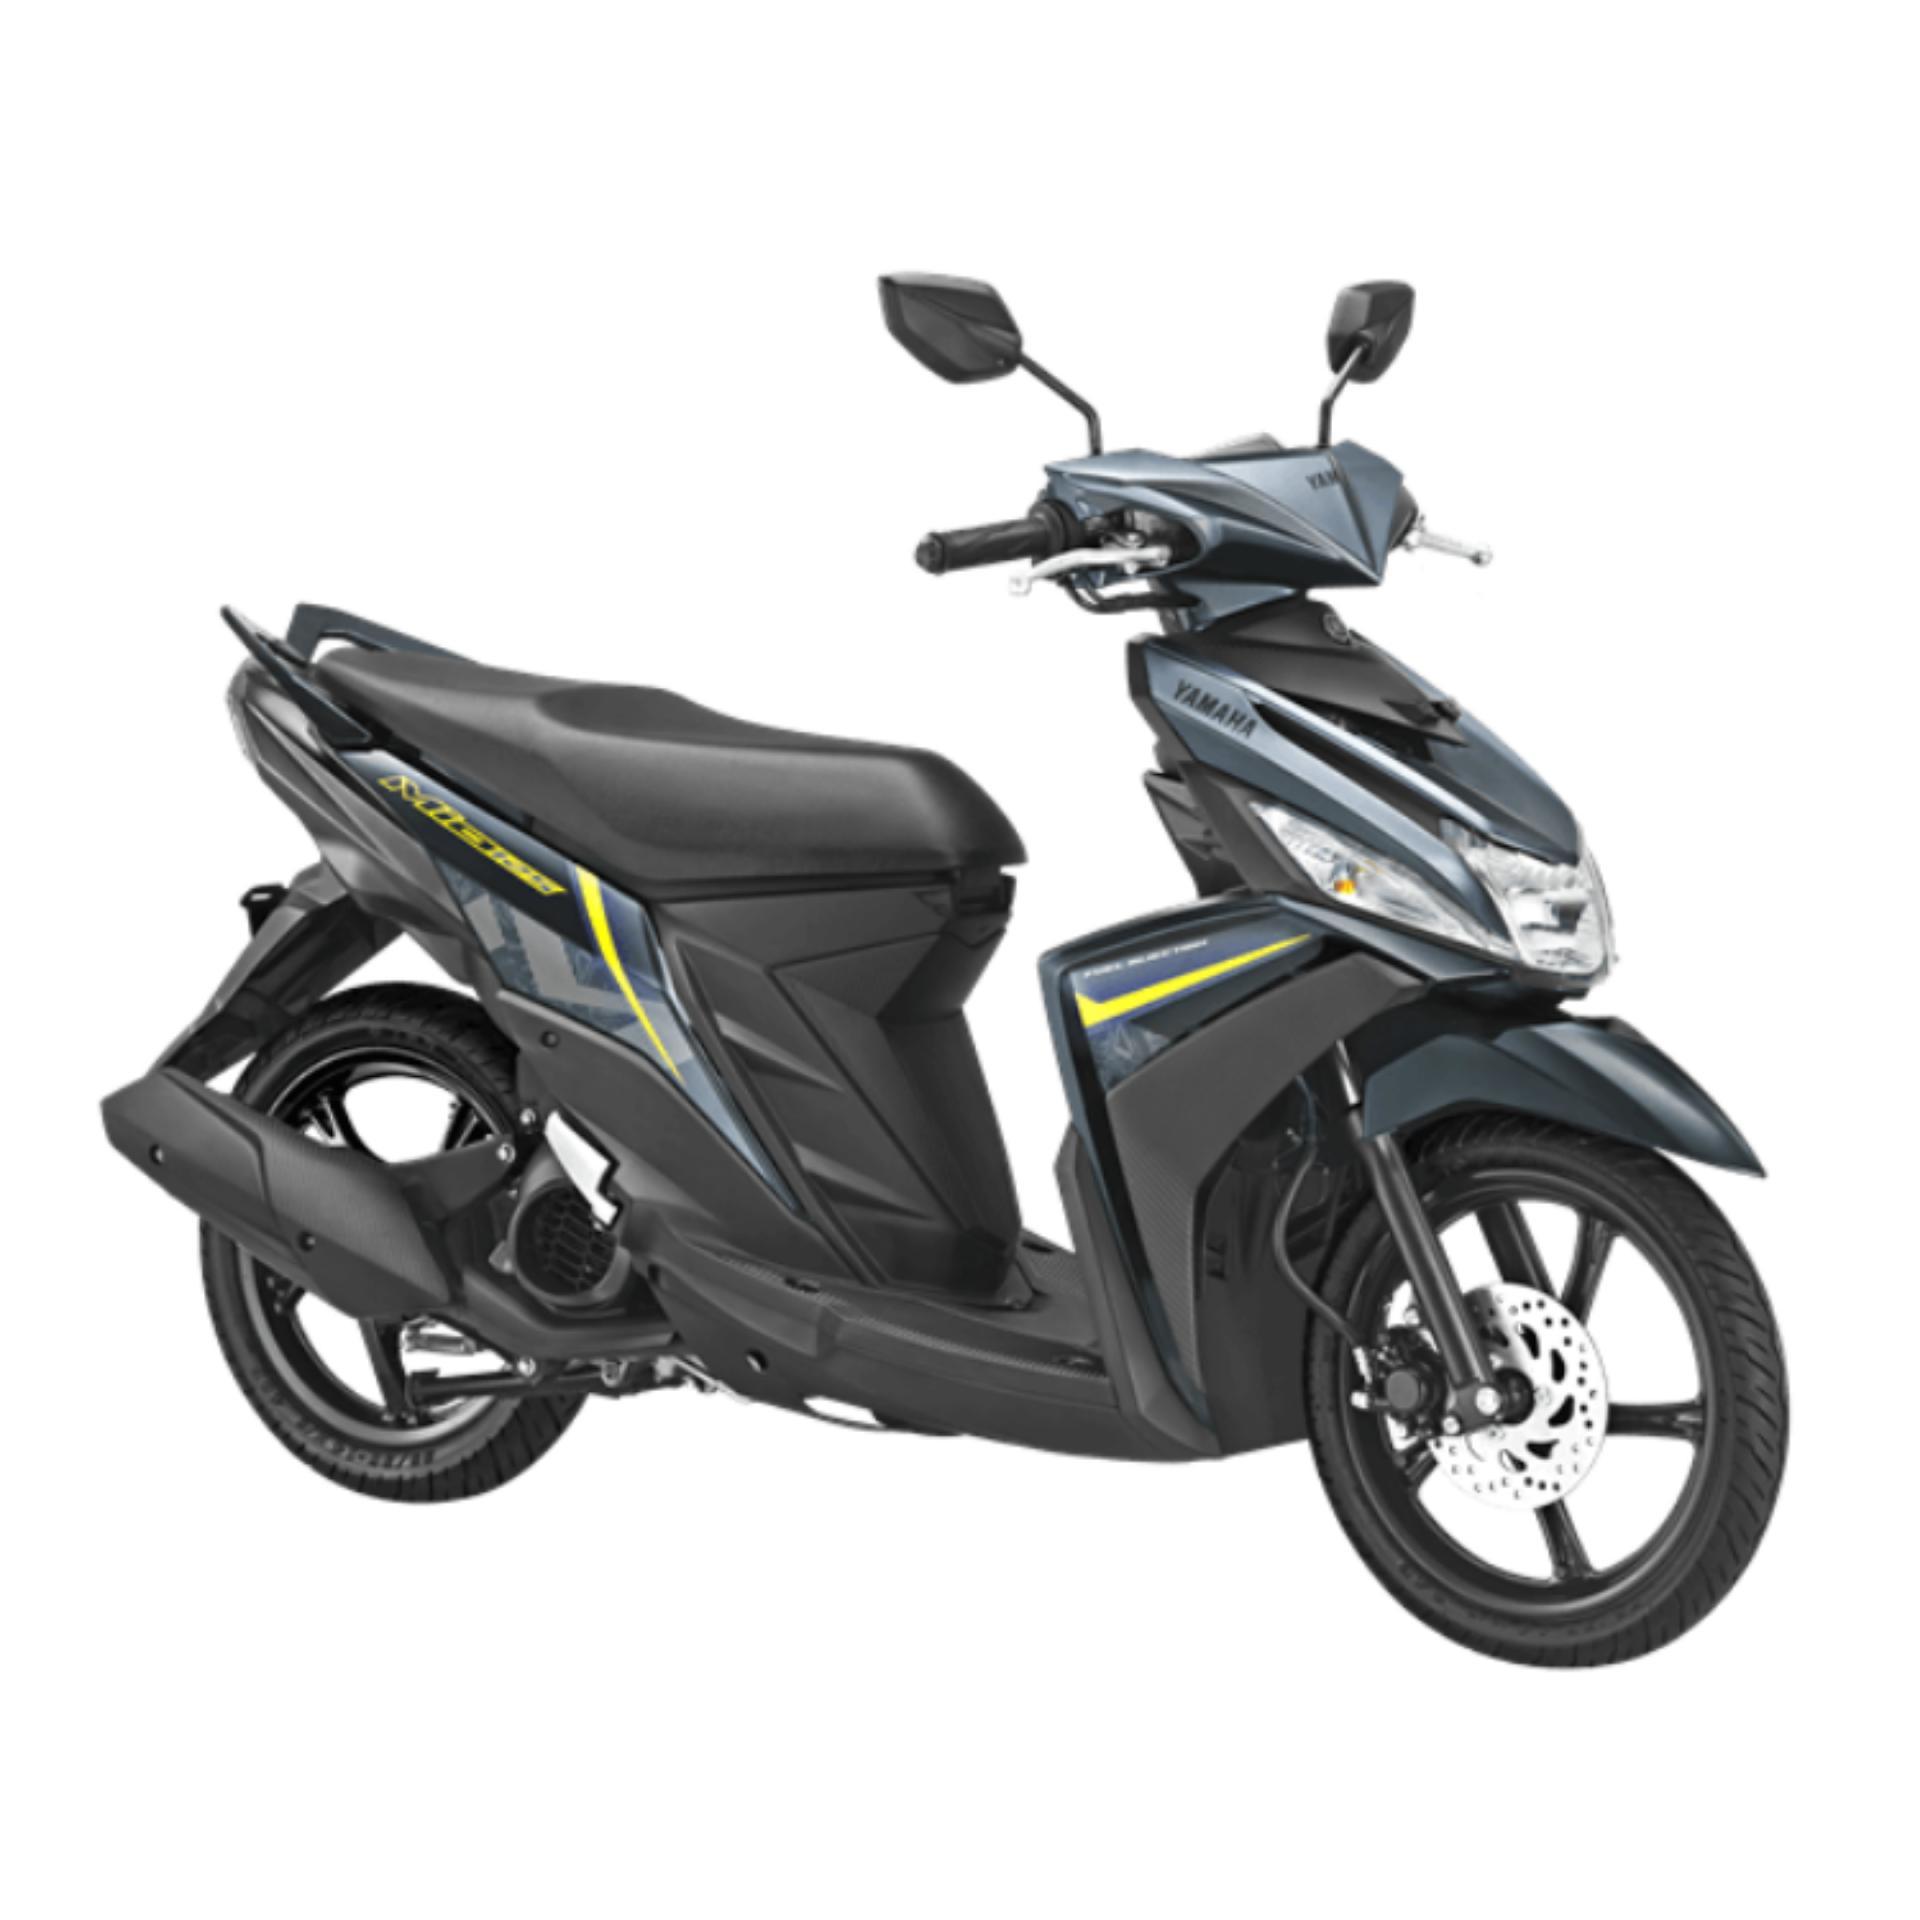 Toko Jual Yamaha Mio M3 125 Cw Amazing Black Jakarta Banten